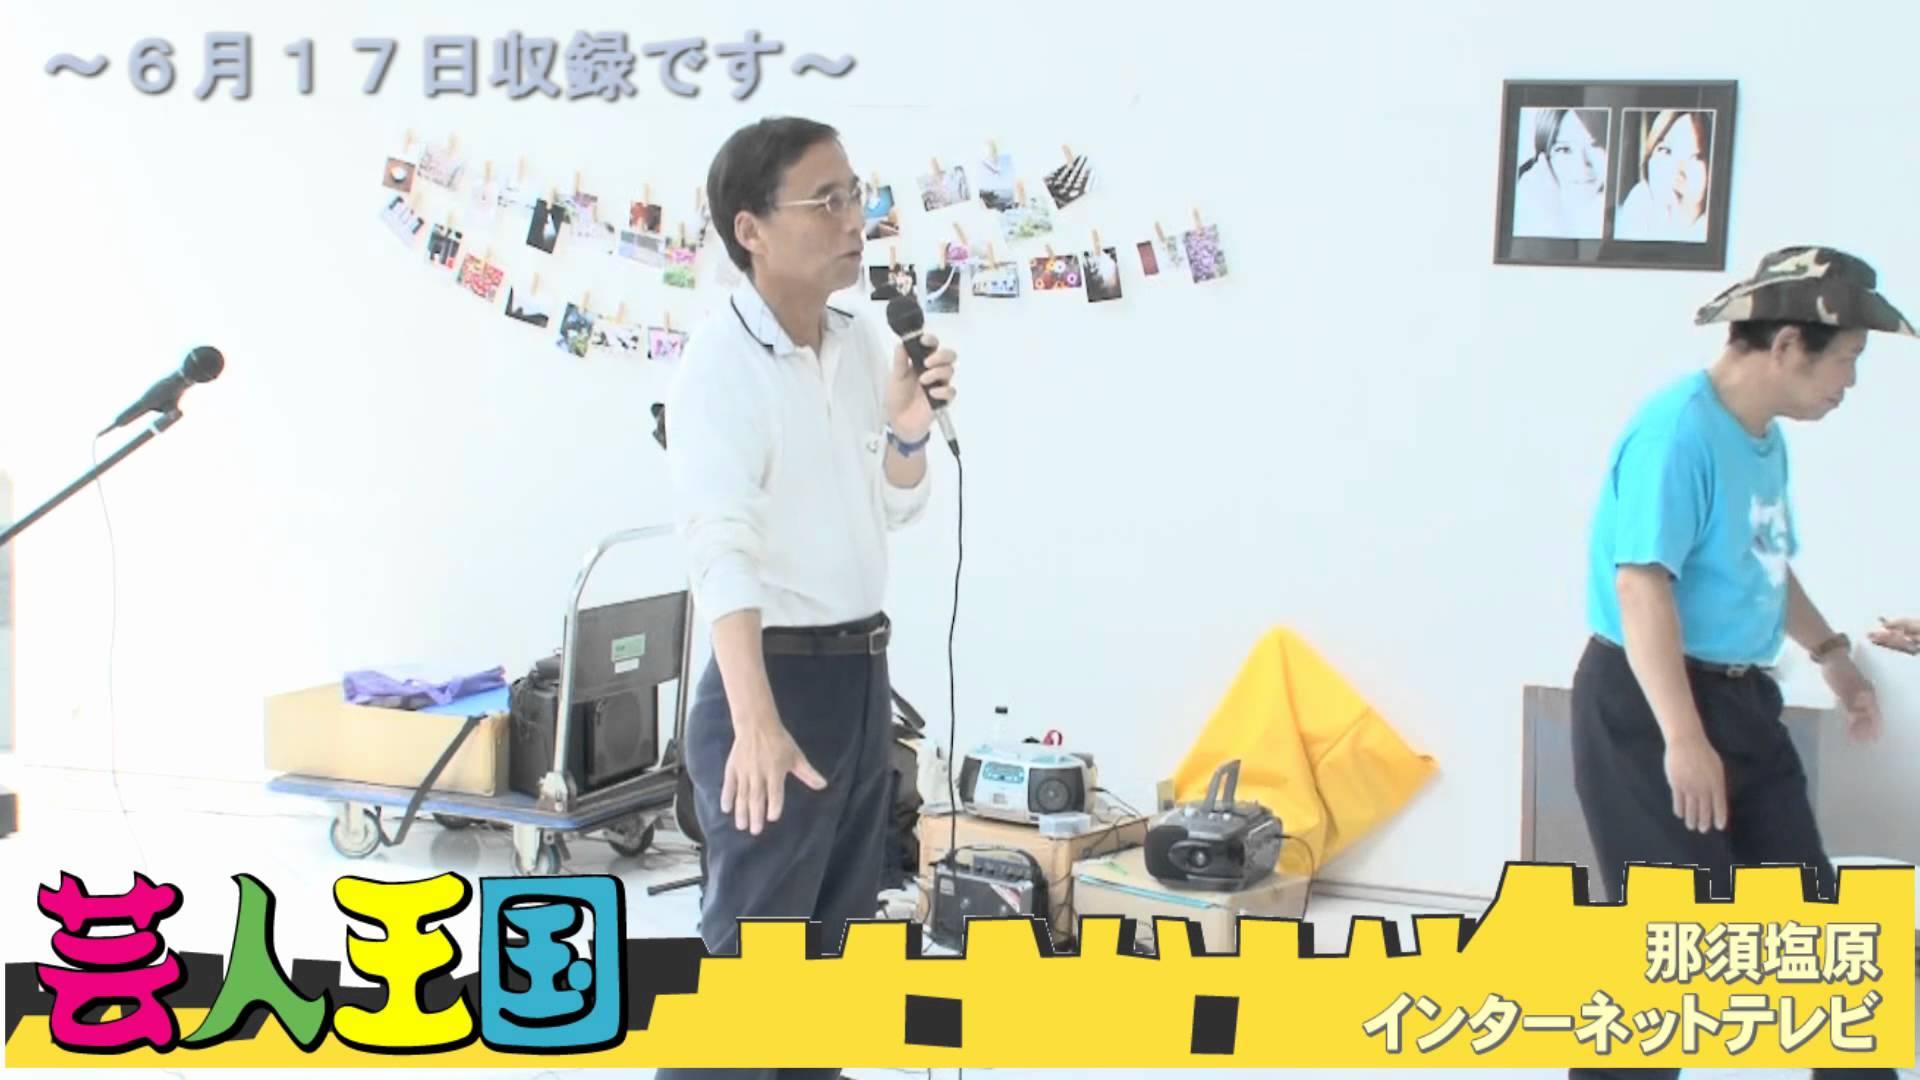 那須野芸人祭り~さとちゃん、えびすコミック、マットー井上、川上さん